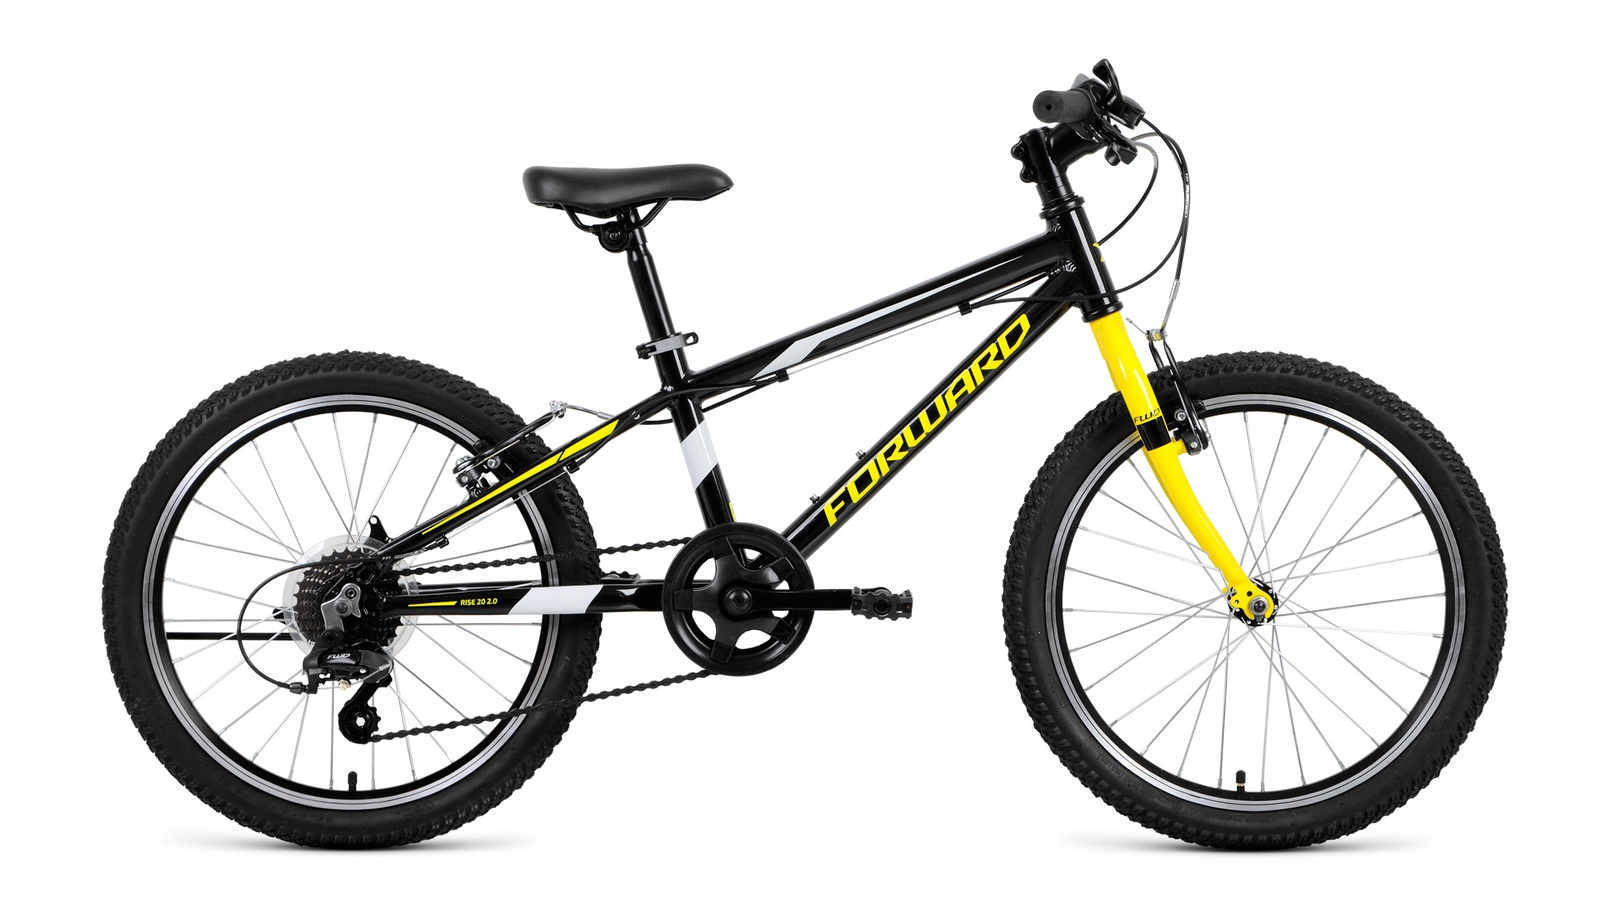 Велосипед Forward Rise 20 2.0, черный, желтый велосипед forward iris 20 желтый ростовка 10 5